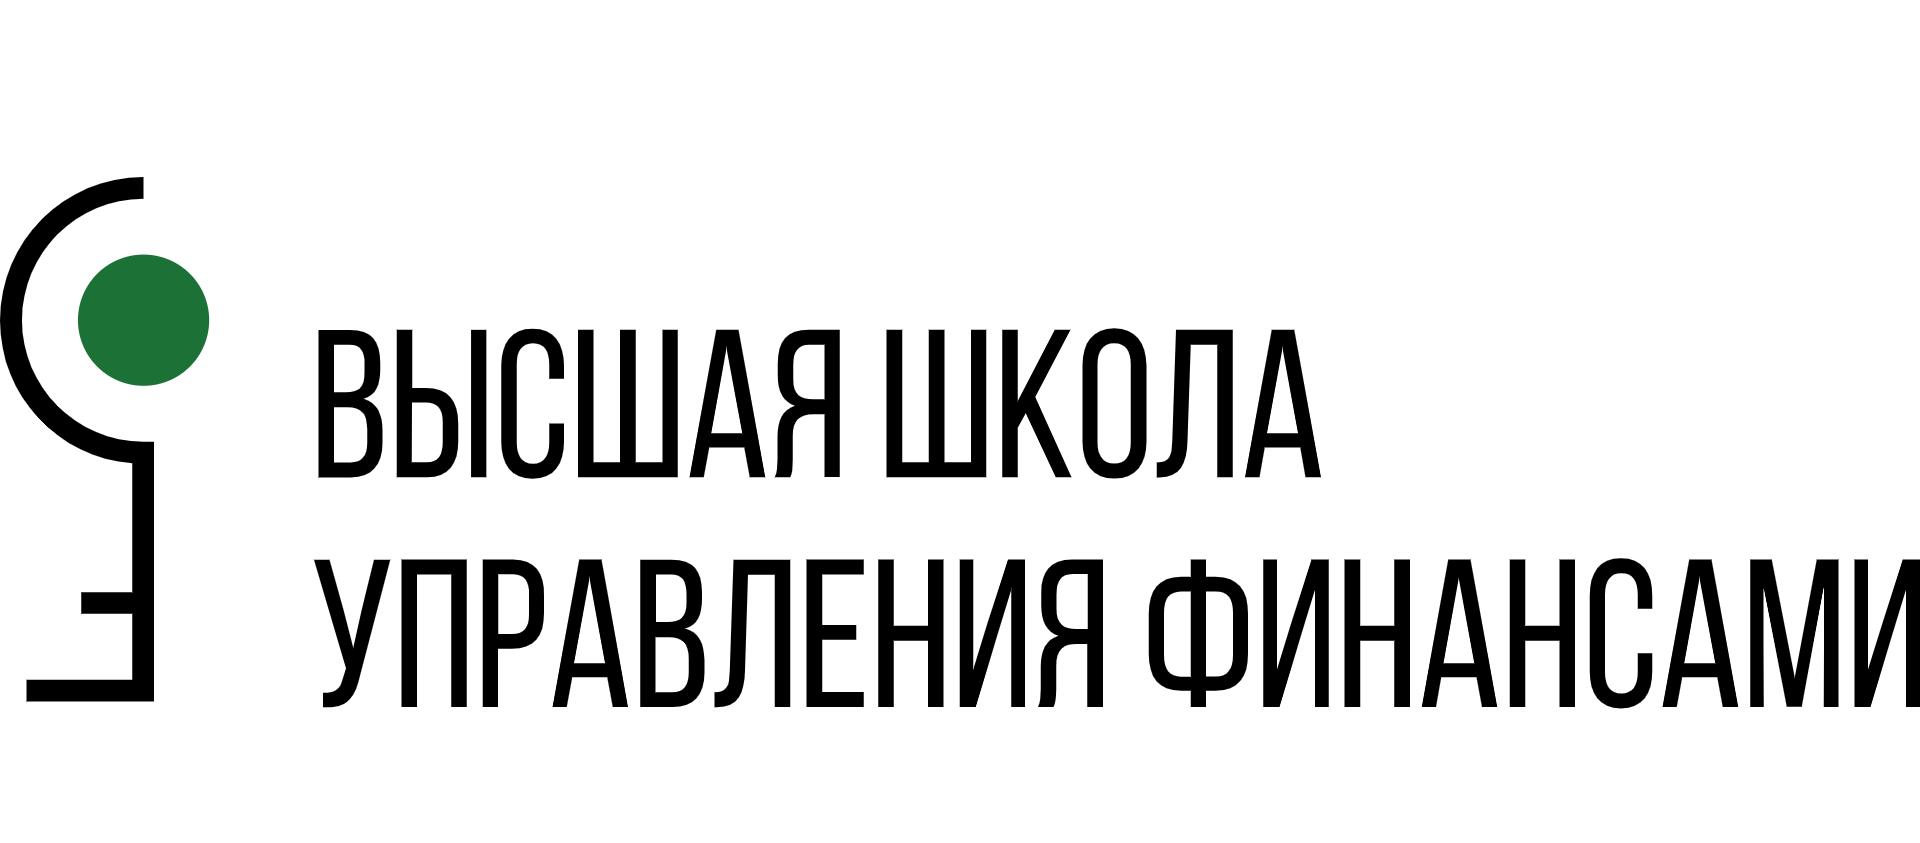 Высшая Школа Управления Финансами (ВШУФ)